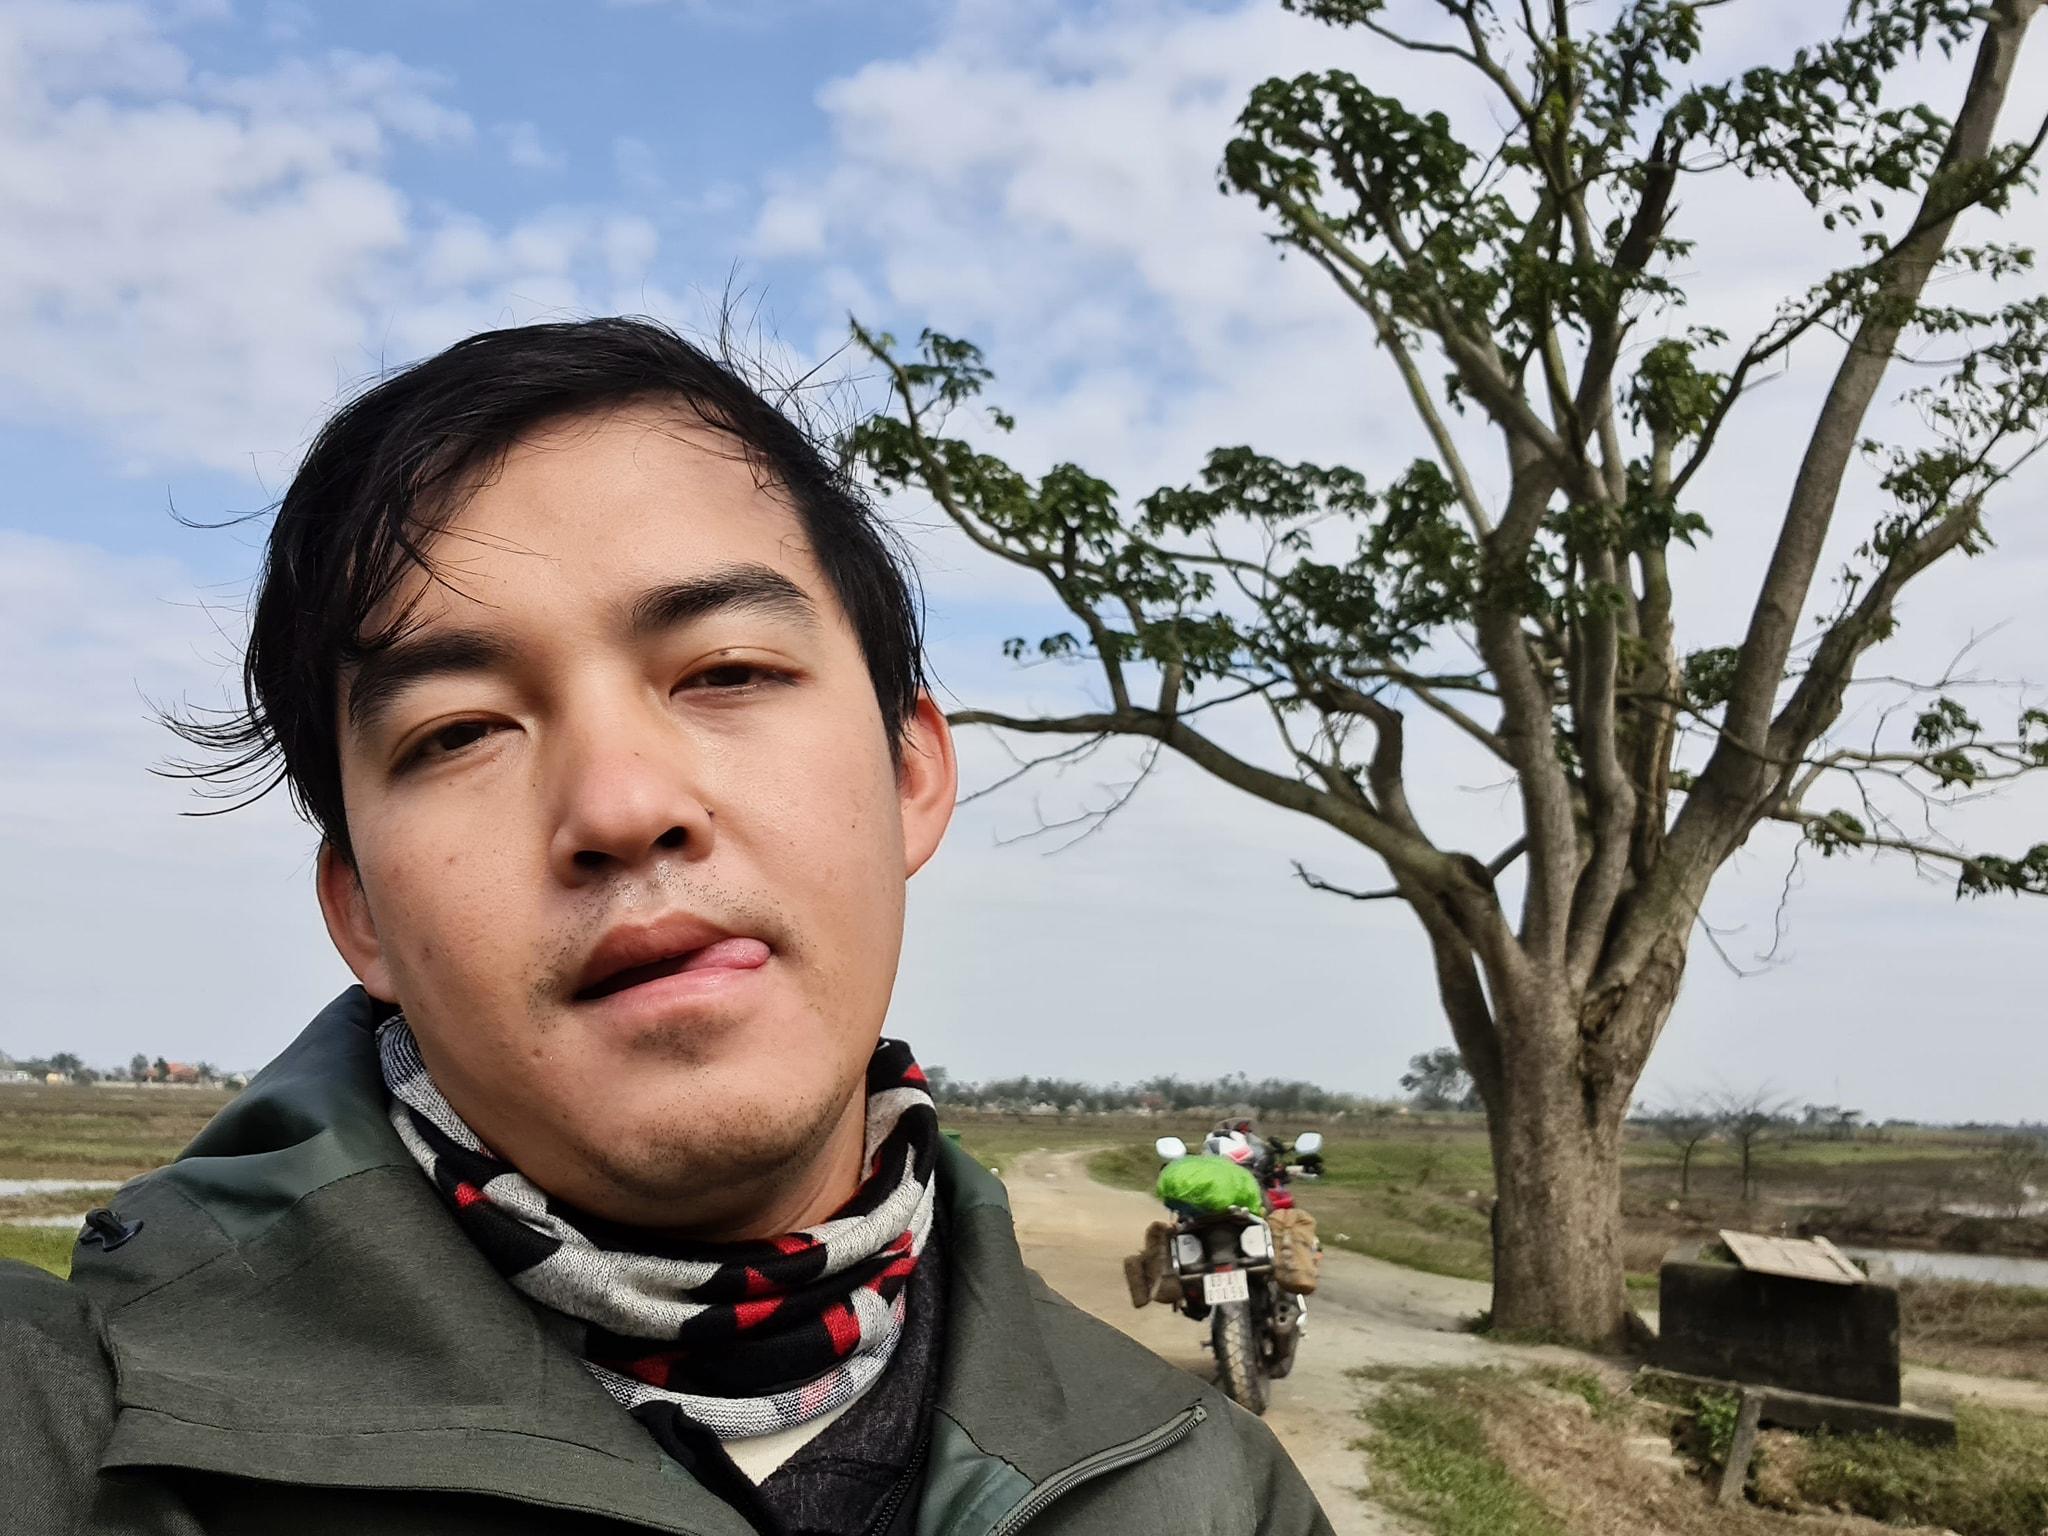 Phượt thủ Trần Đặng Đăng Khoa thực hiện chuyến xuyên Việt đến cây ngô đồng (Mắt Biếc), màn tạo dáng 'cute đến xỉu' 4